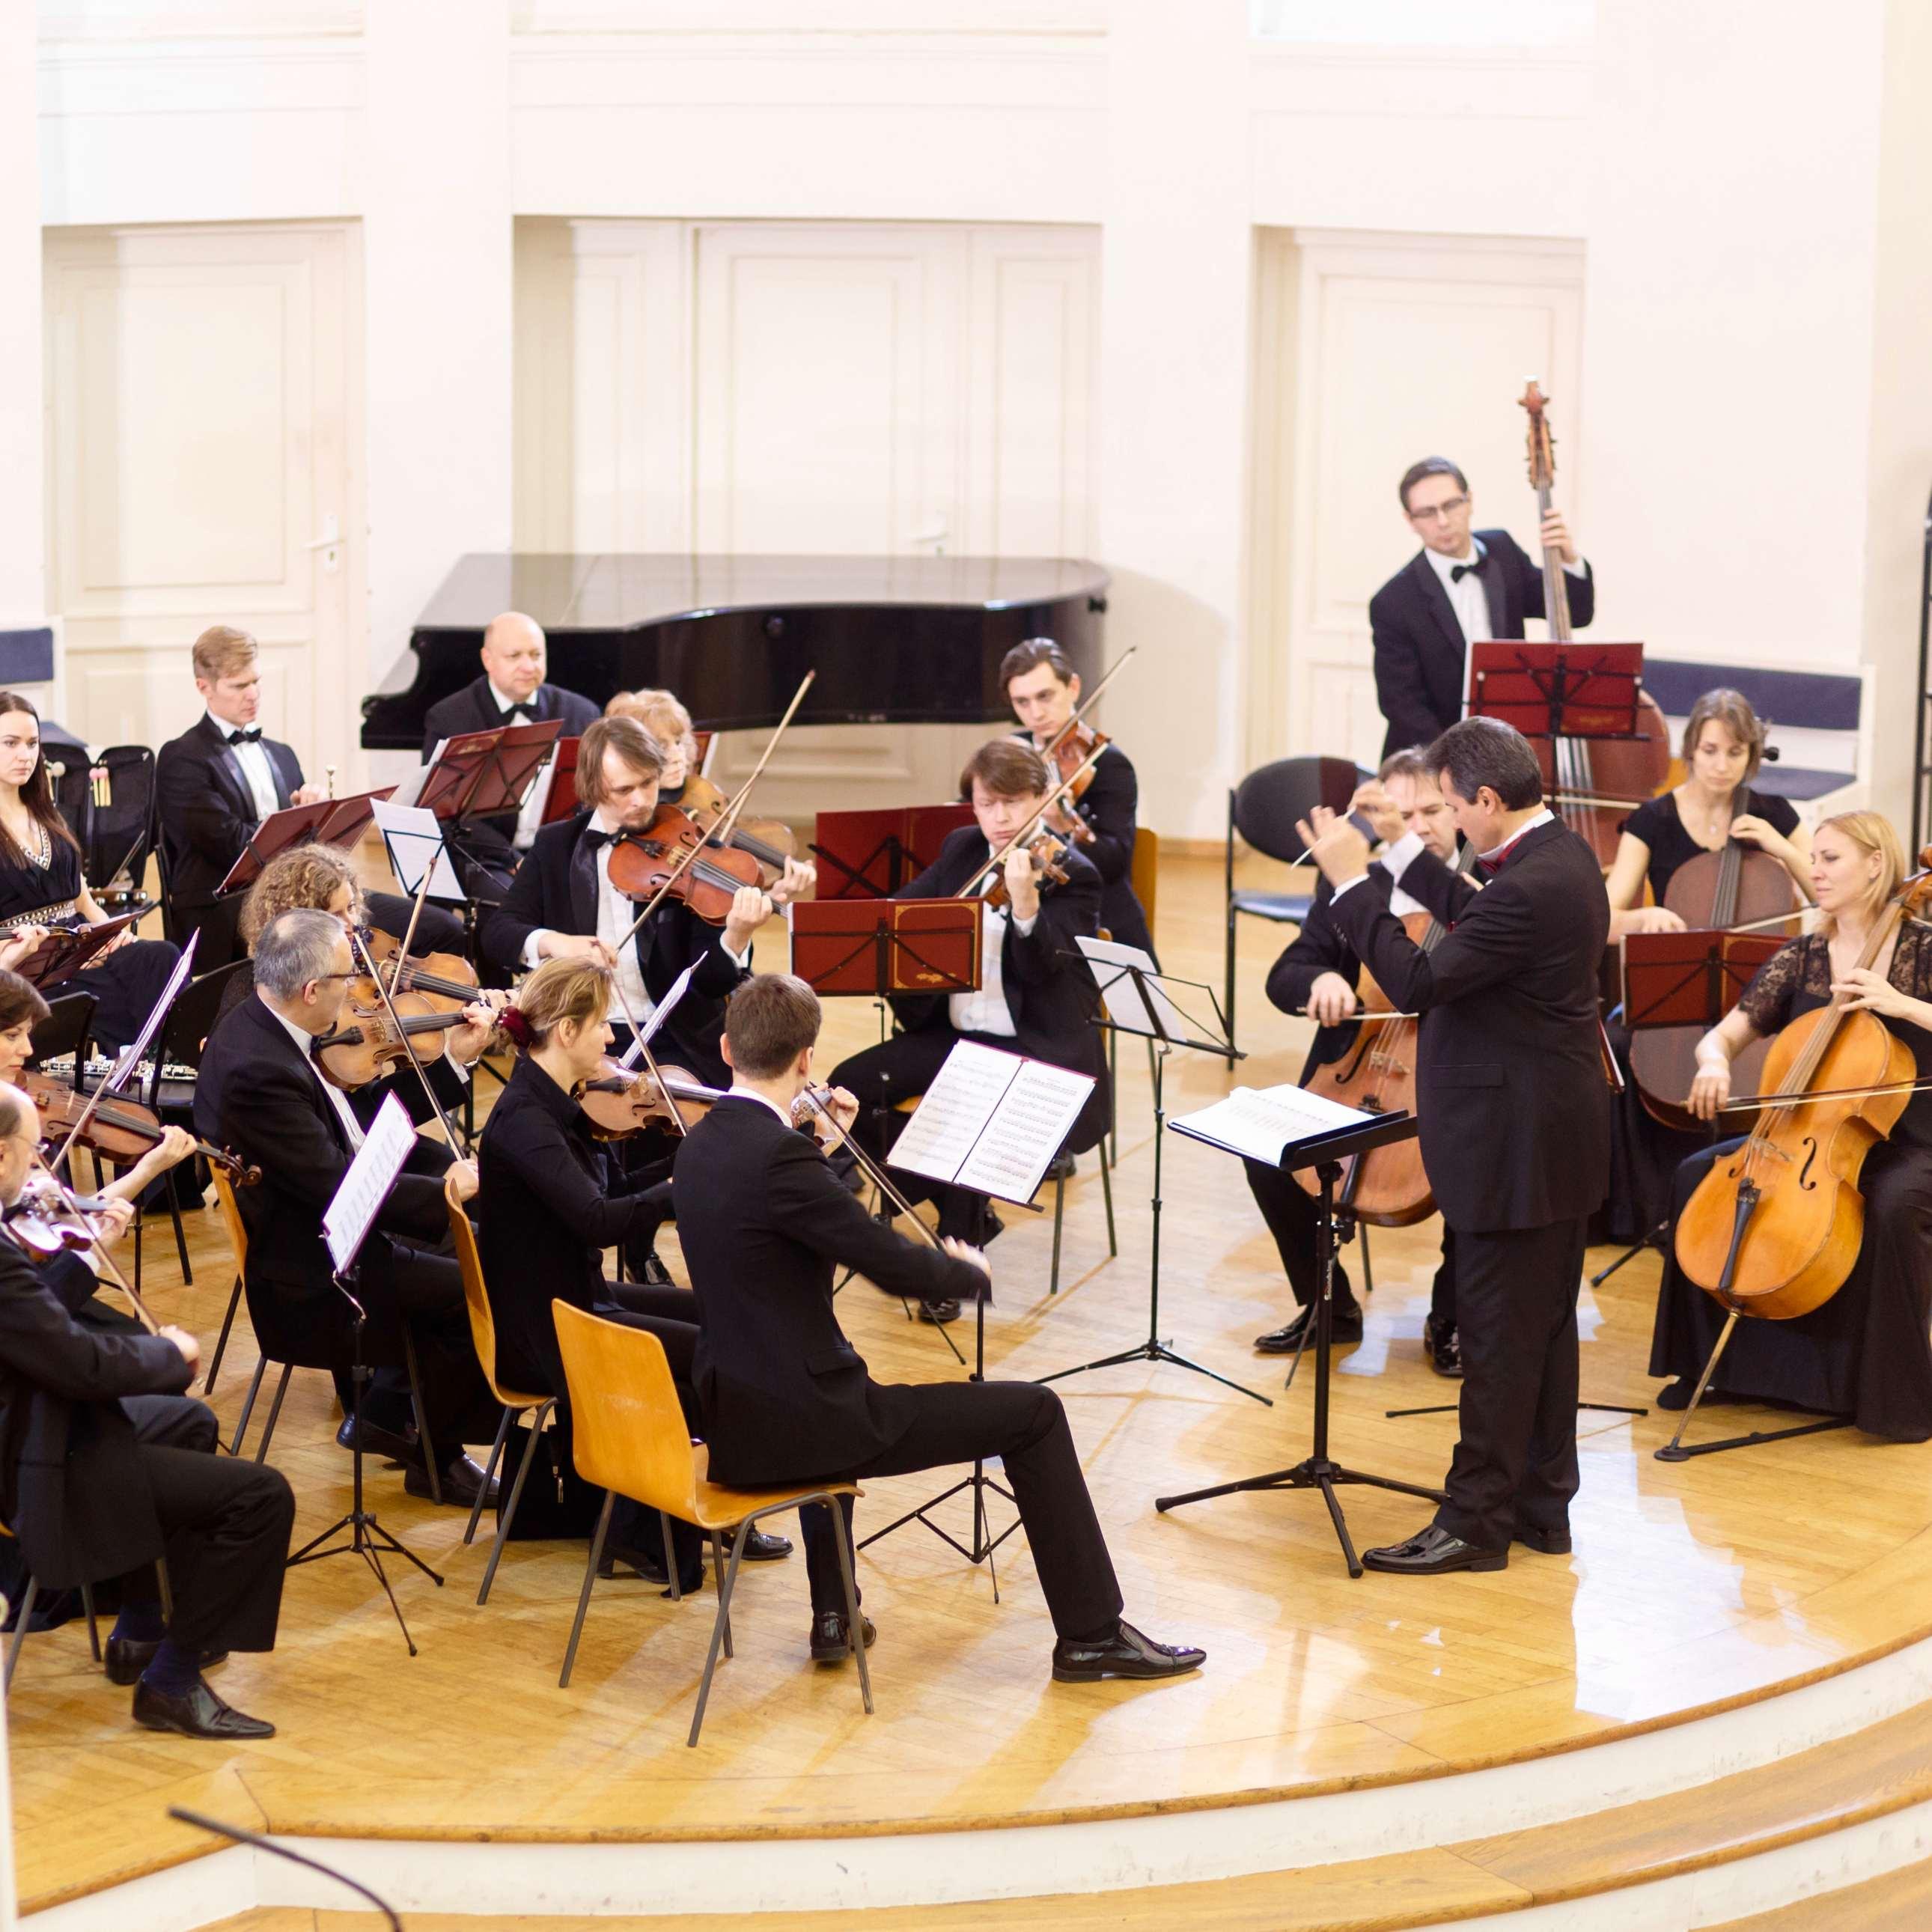 Концерт «Органная музыка под сводами Петрикирхе» со скидкой 40%